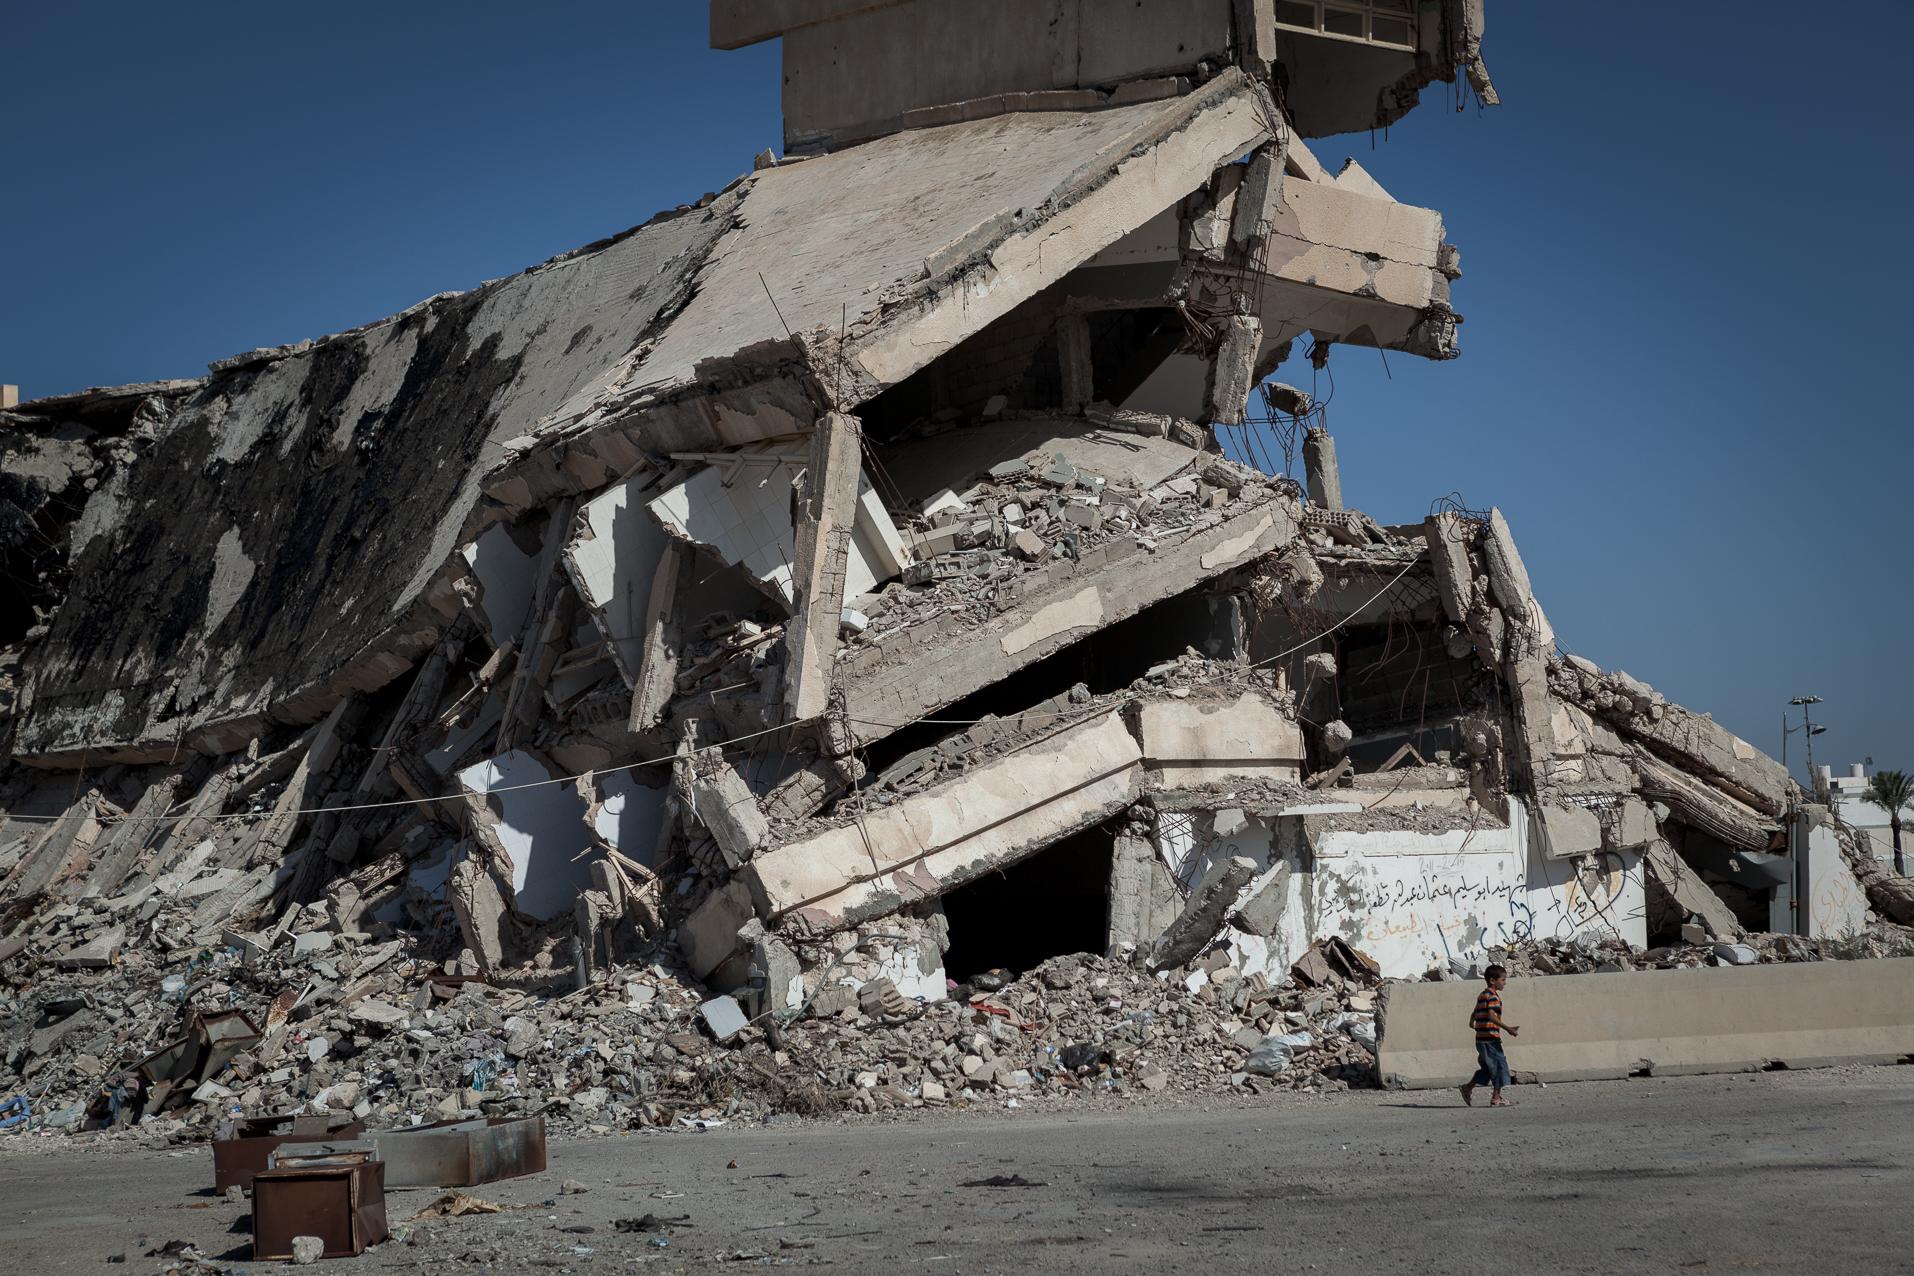 Tripoli, 27 Juin 2012. Bab-al-Azizia, ancien bastion de Kadhafi au centre de Tripoli. Les ruines sont devenues un haut lieu de traffic et de prostitution, ainsi qu'un dépotoire. La majorité des bâtiments ont été détruits par les bombardements de l'OTAN. Après la chute du régime, les habitants de Tripoli ont continué la destruction systématique de ce qui restait debout.  Tripoli, June 27, 2012. Bab al-Azizia, Gaddafi's former stronghold in central Tripoli. The ruins have become a mecca for prostitution and trafficking, as well as a dump. The majority of buildings have been destroyed by NATO bombing. After the fall of the regime, the people of Tripoli continued systematic destruction of what remained standing.